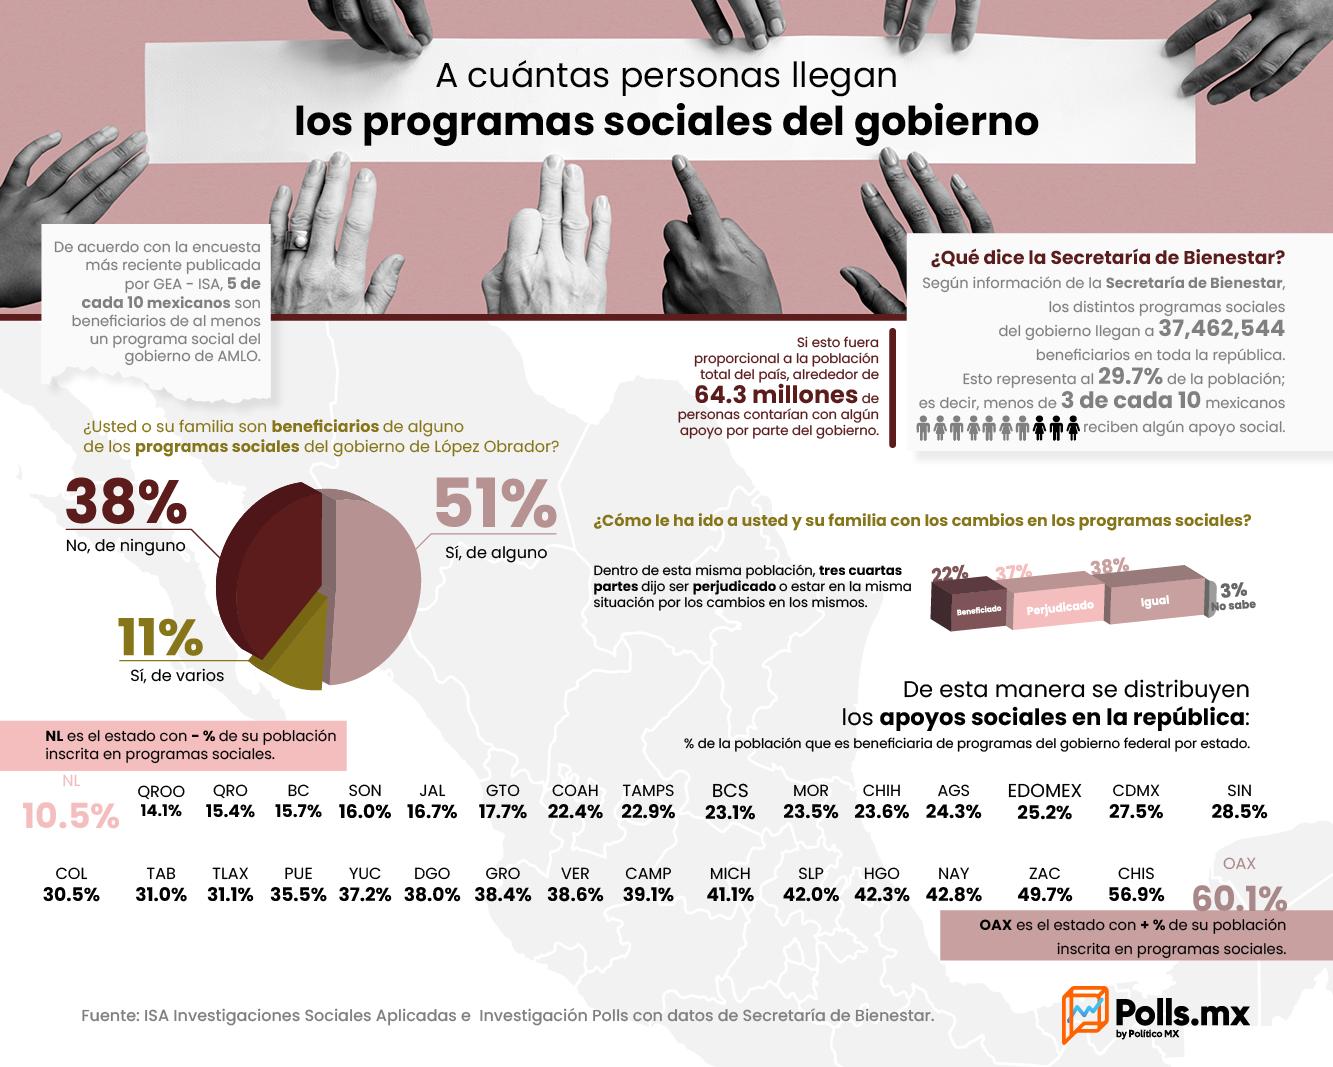 5 de cada 10 son beneficiarios de al menos un programa social del gobierno | Polls MX